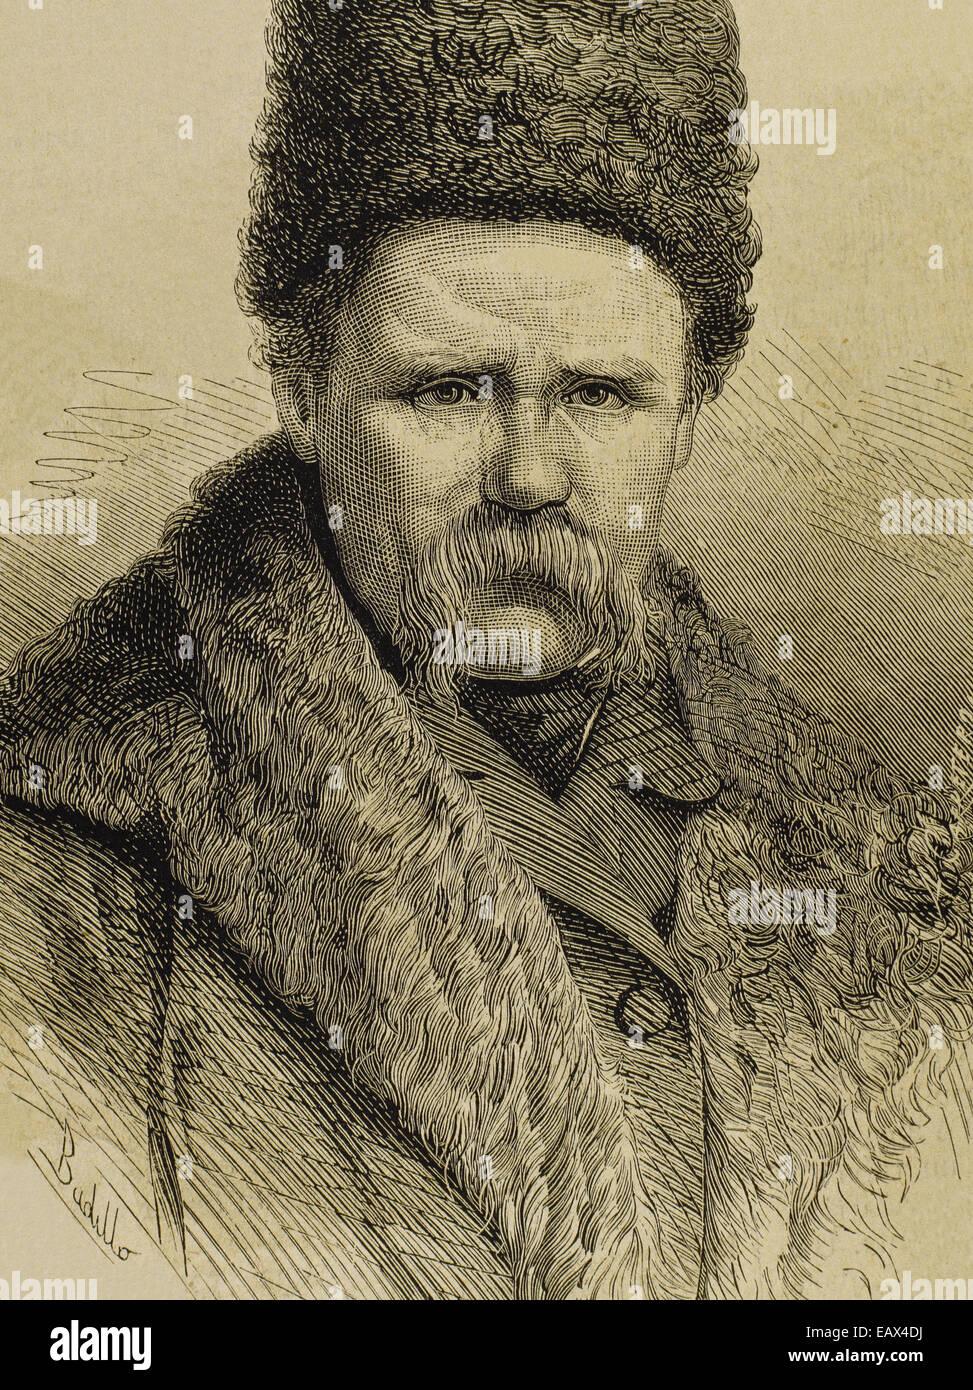 Taras Shevchenko (1814-1861). Ukrainian poet. Portrait. Engraving by La Ilustracion Espanola y Americana, 1877. - Stock Image